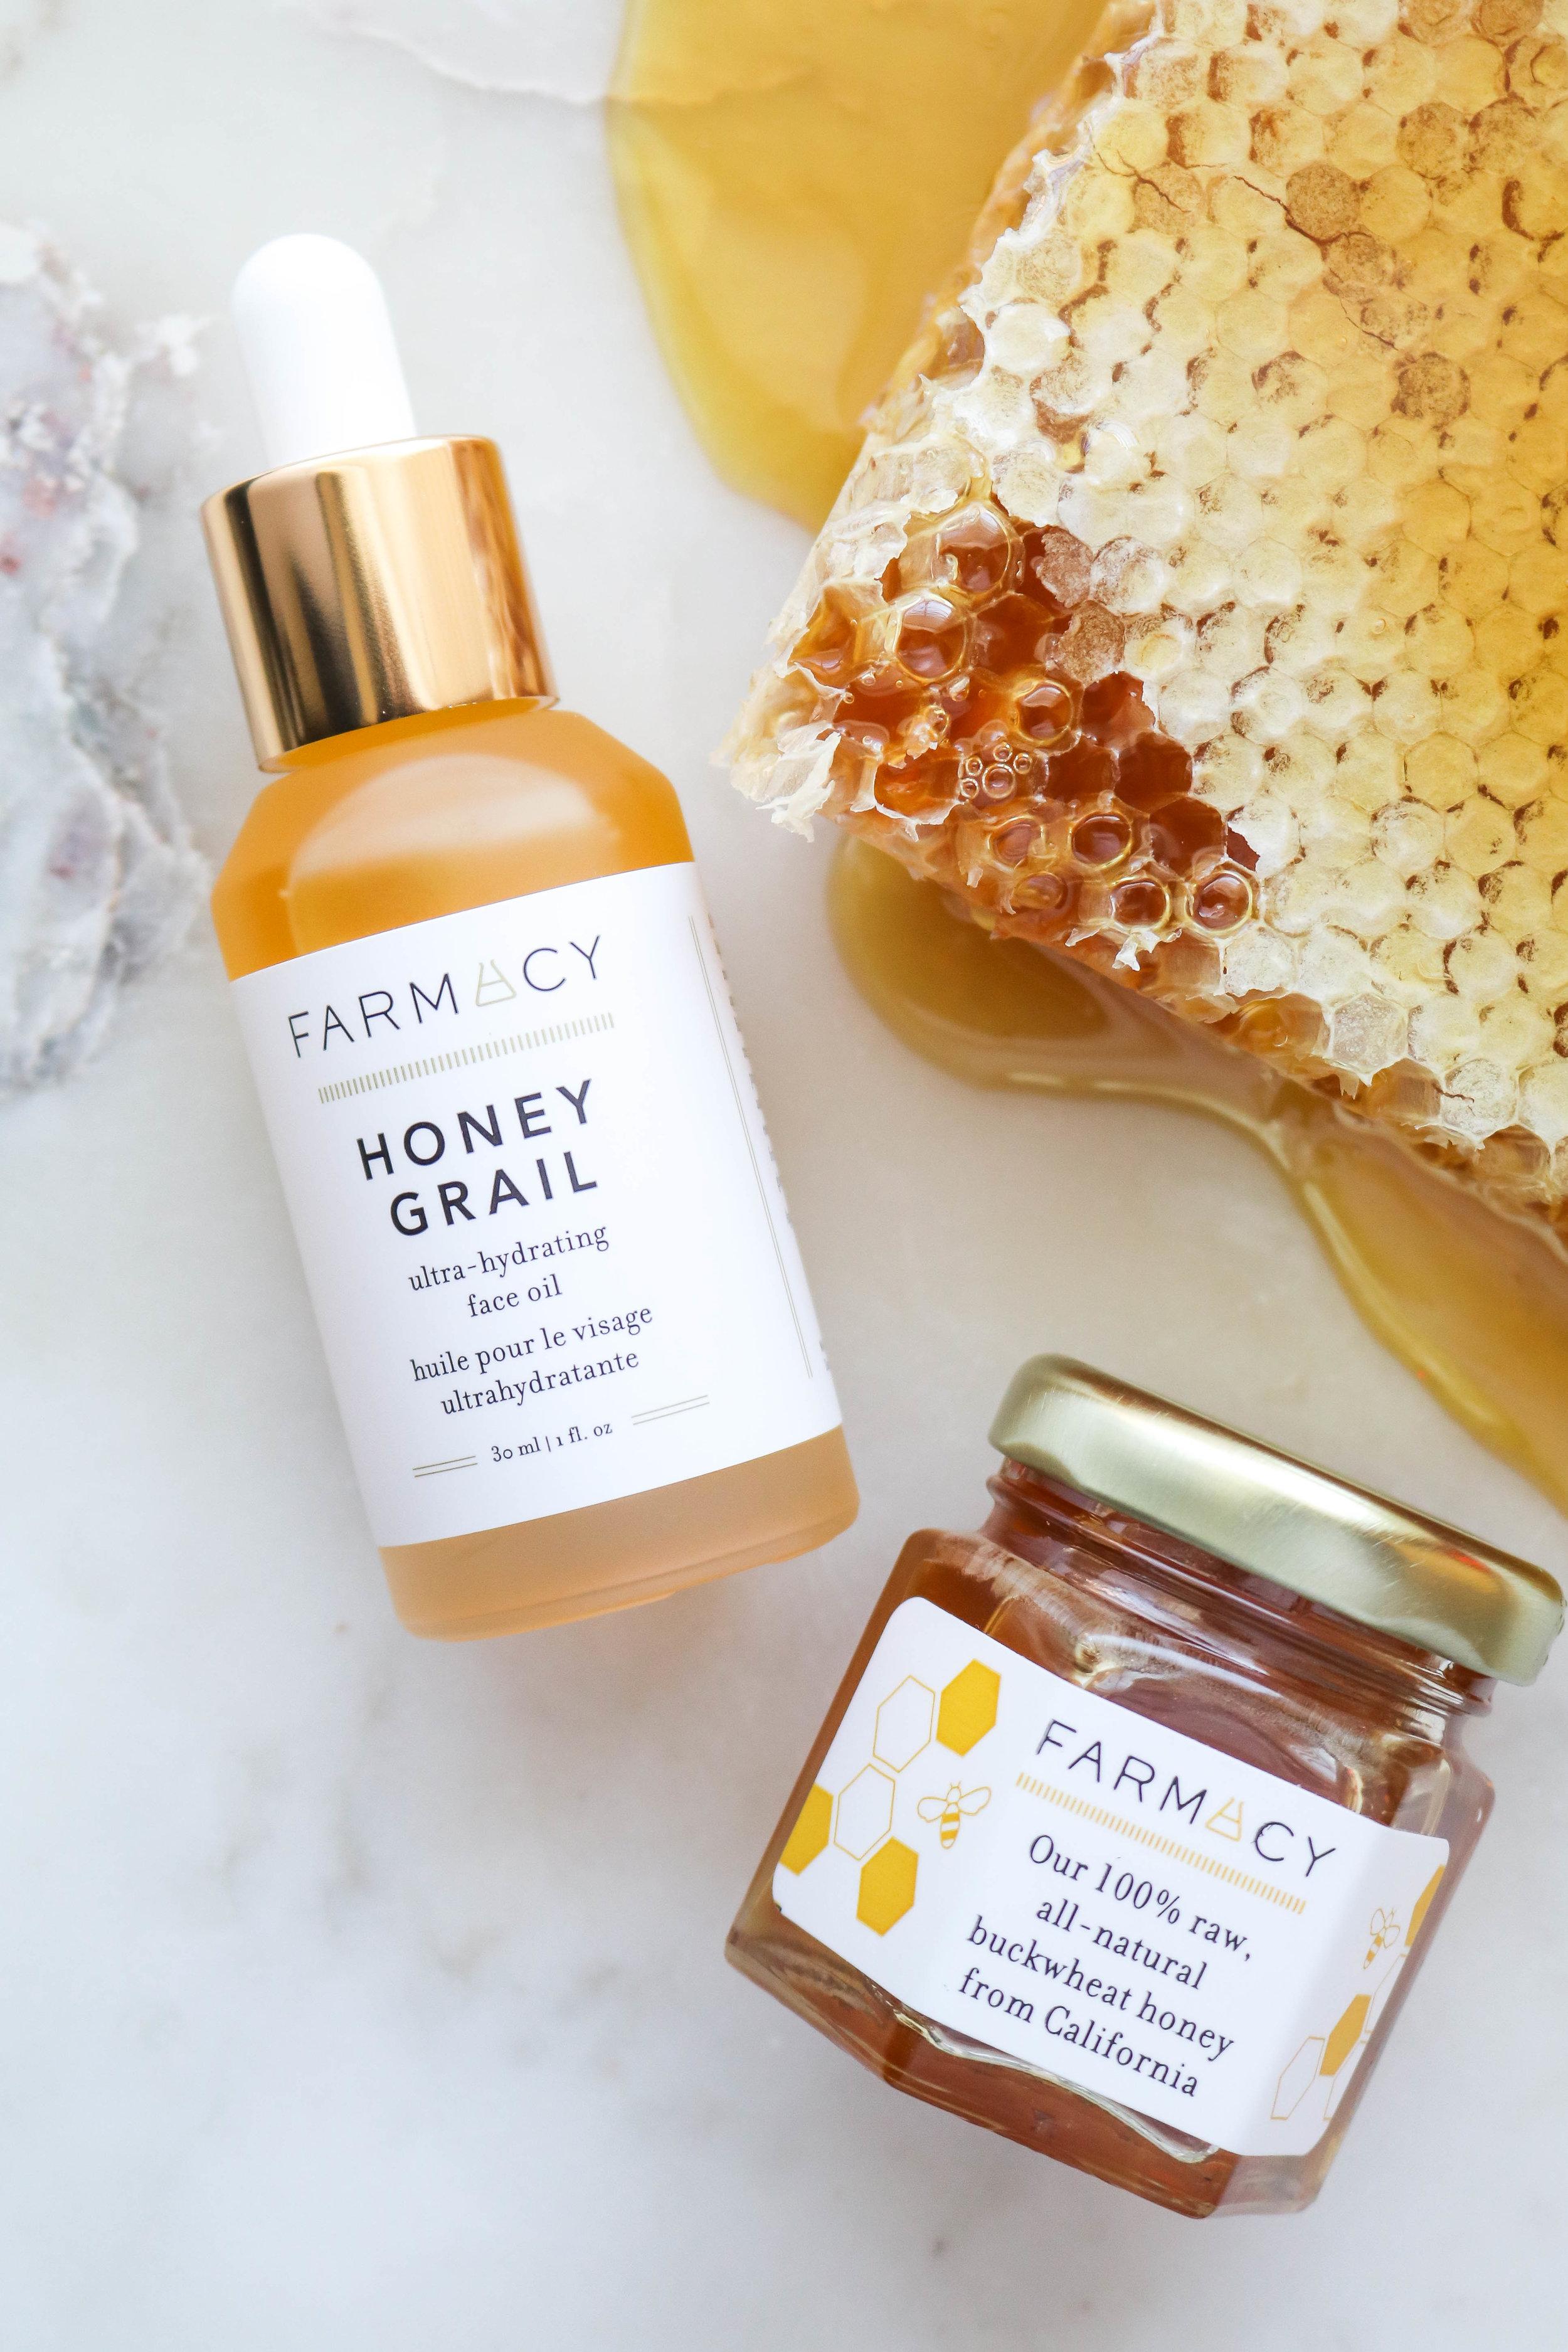 HoneyGrail.jpg